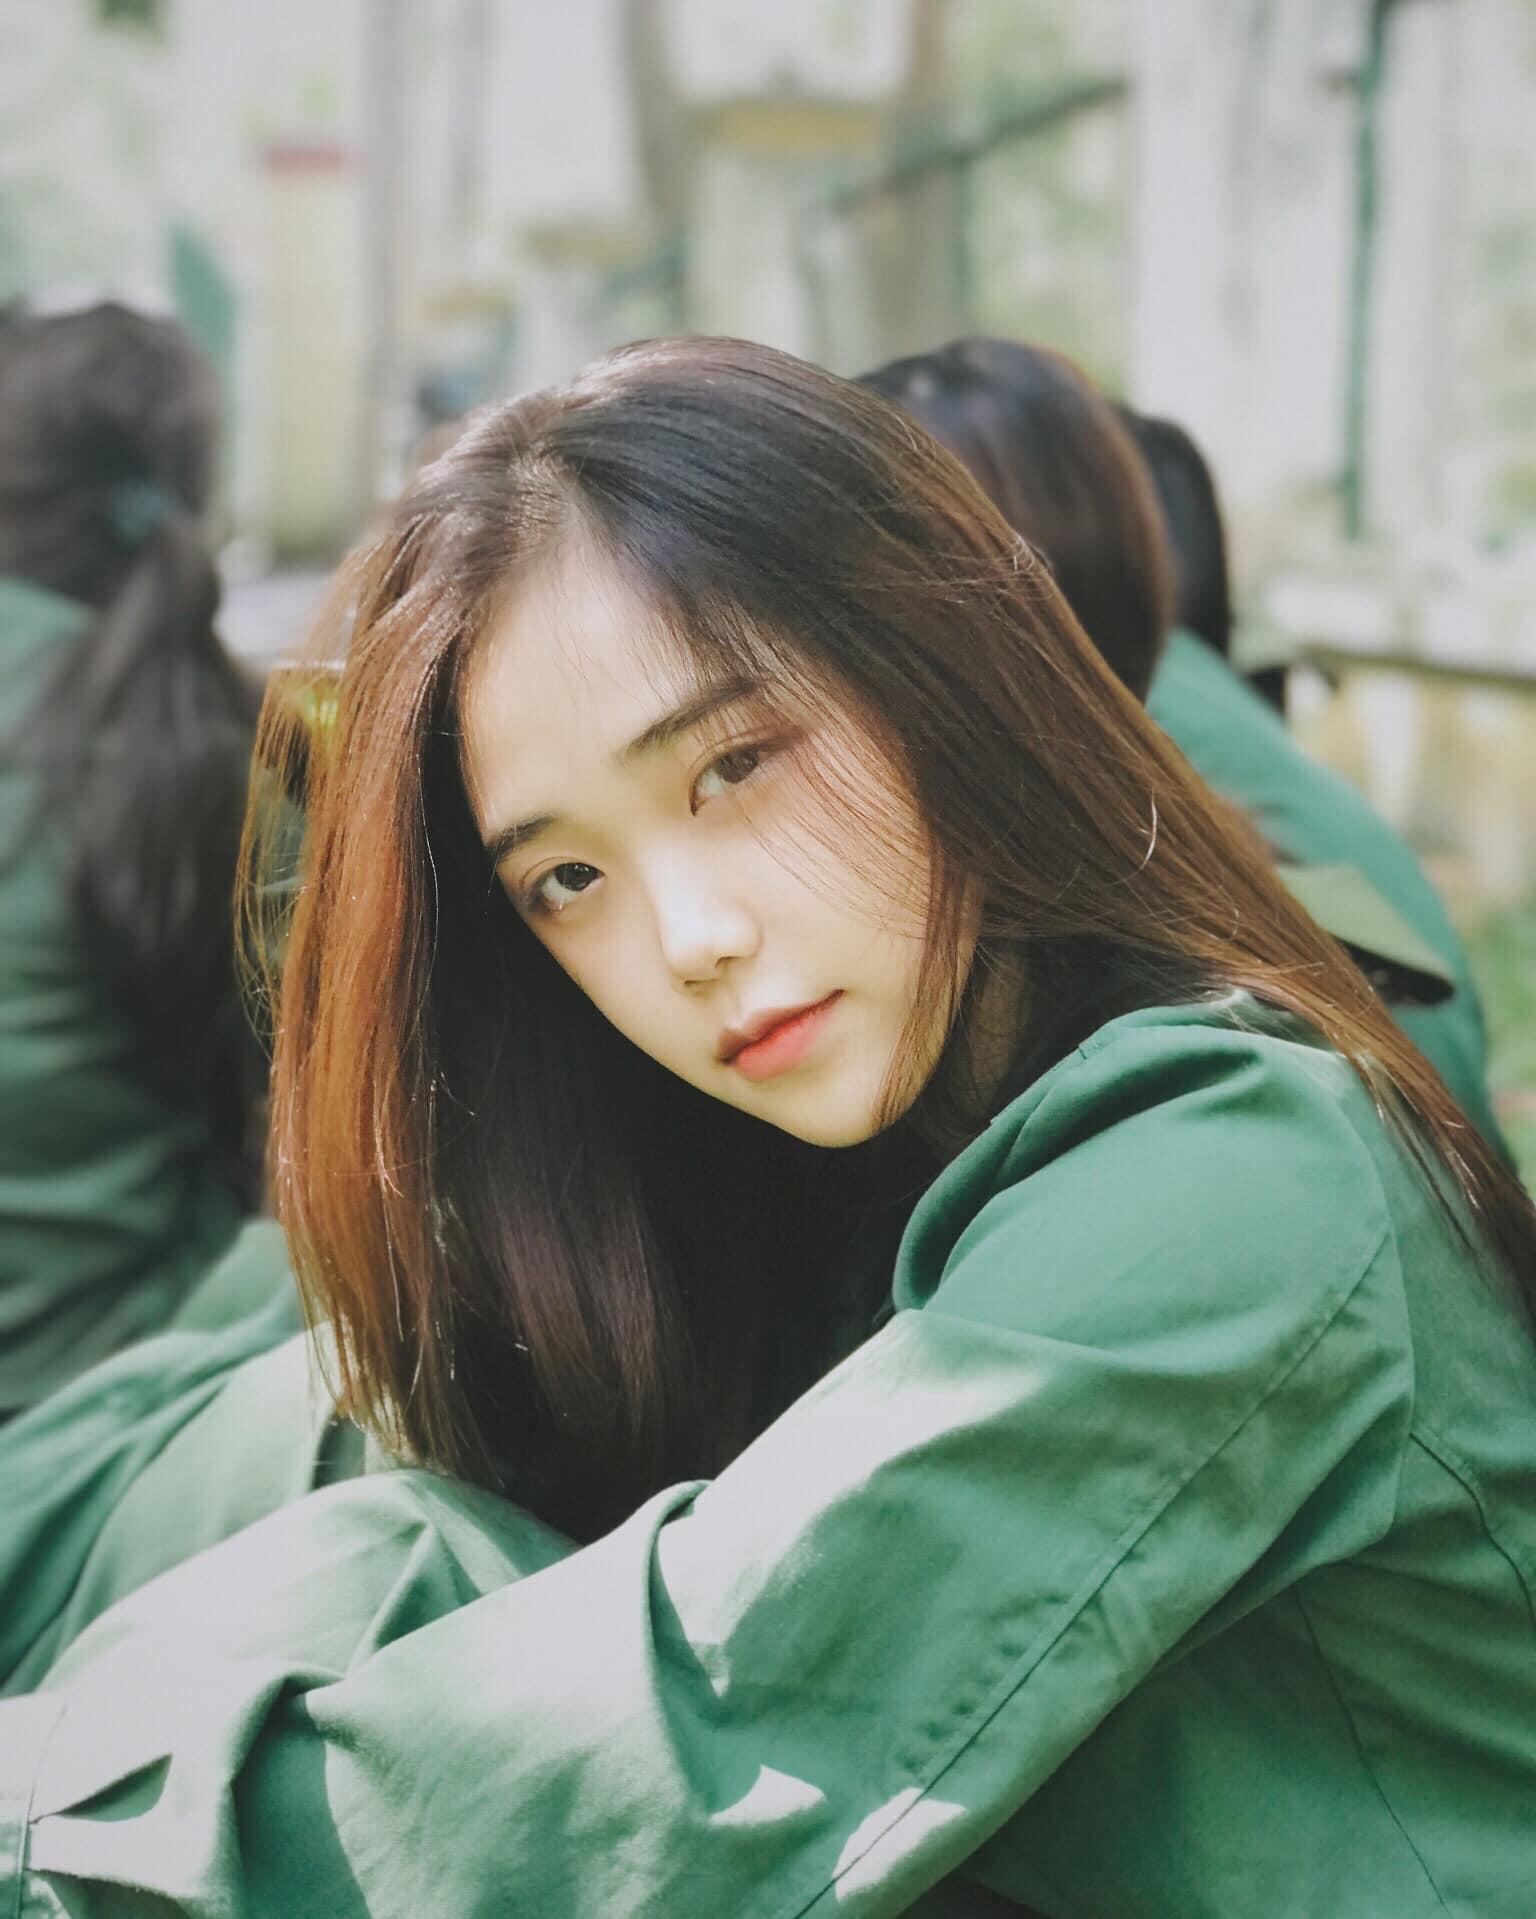 4 nữ sinh chưa tròn 20 hot nhất nhì Sài Gòn, Quảng Bình bị nghi sửa mặt vì quá xinh - 6